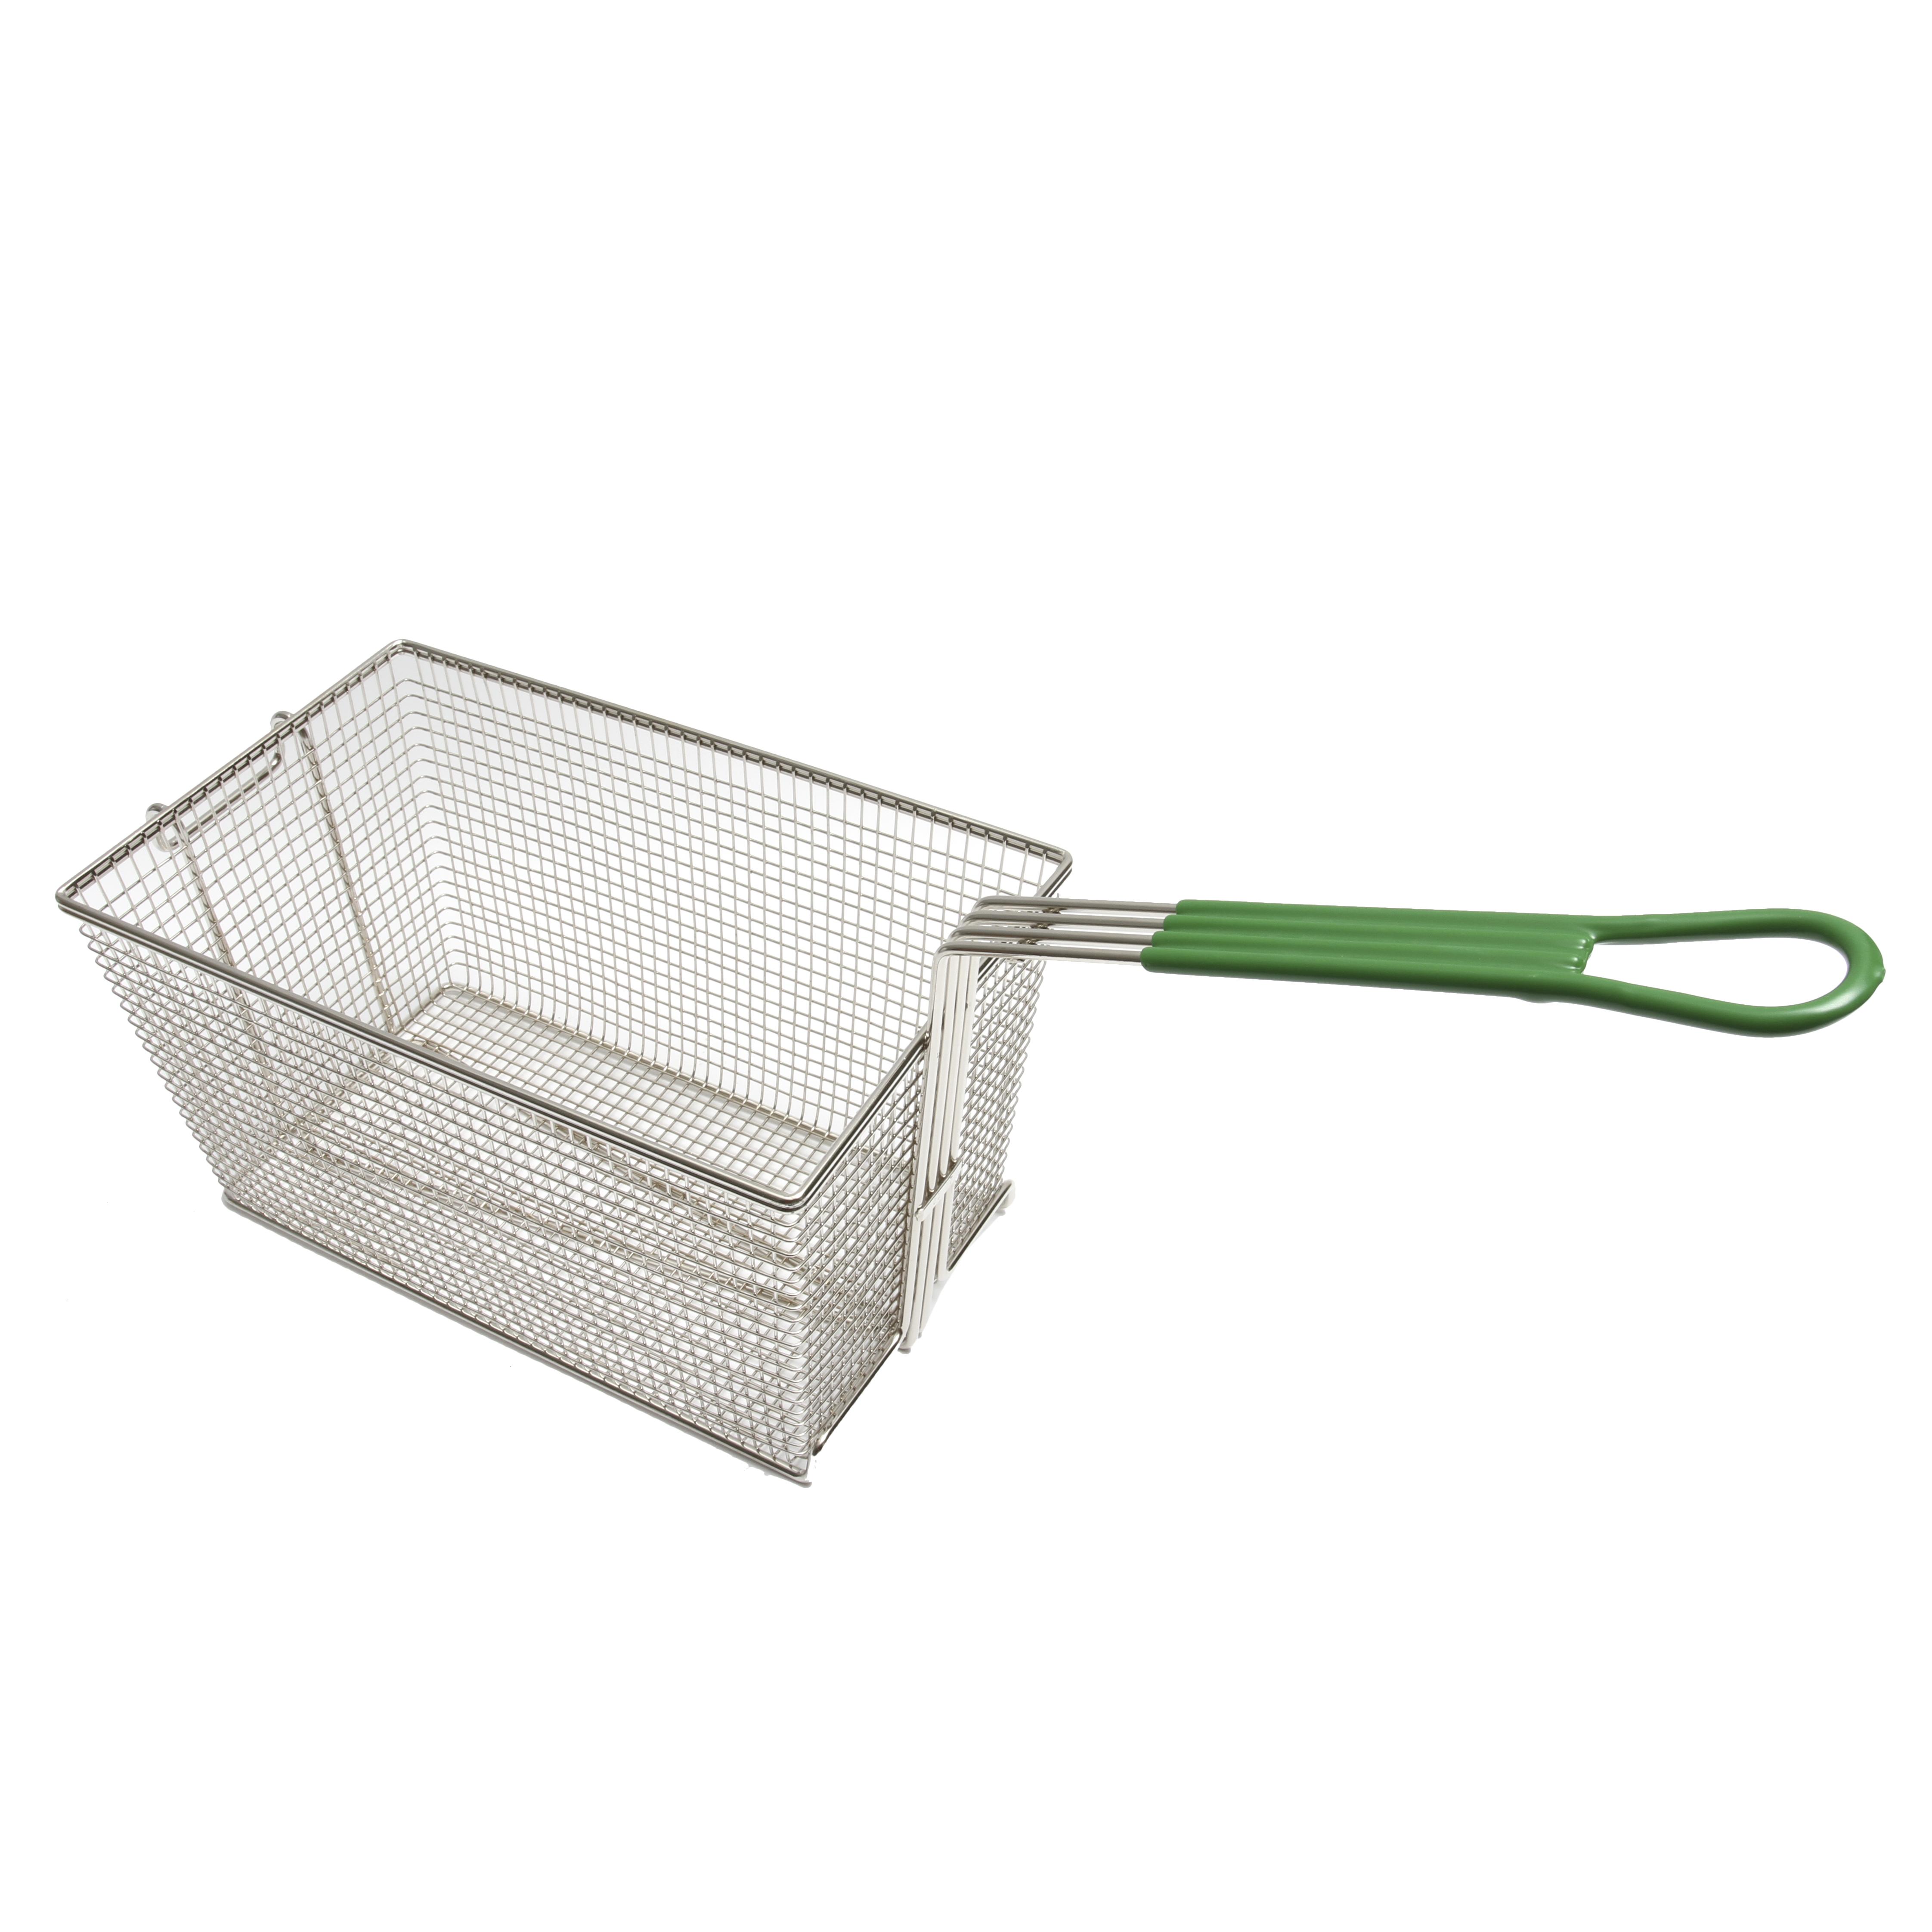 Frymaster 803-0437 fryer basket